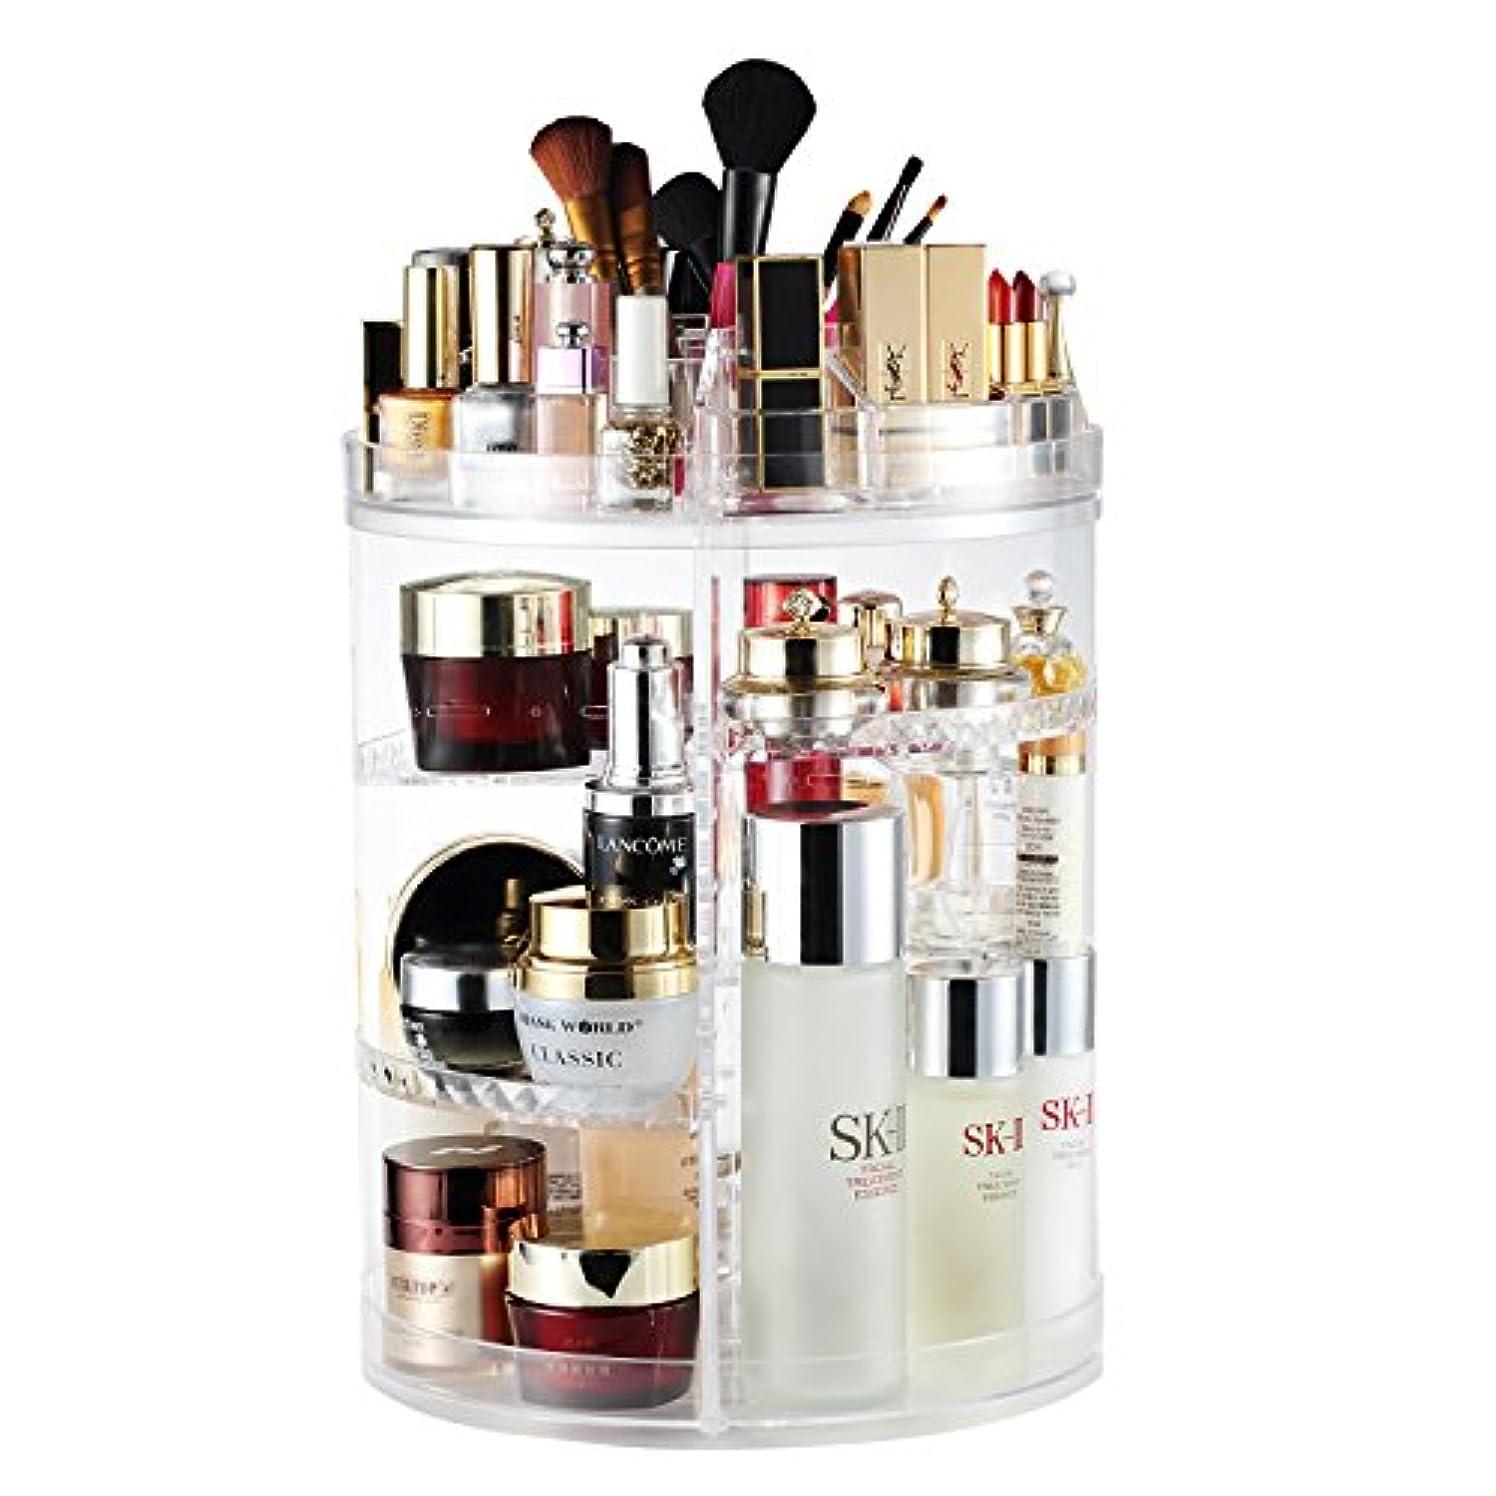 動脈グループターミナルメイクアップオーガナイザー、360 °回転調節可能Cosmetic Storage Display Case with Large容量